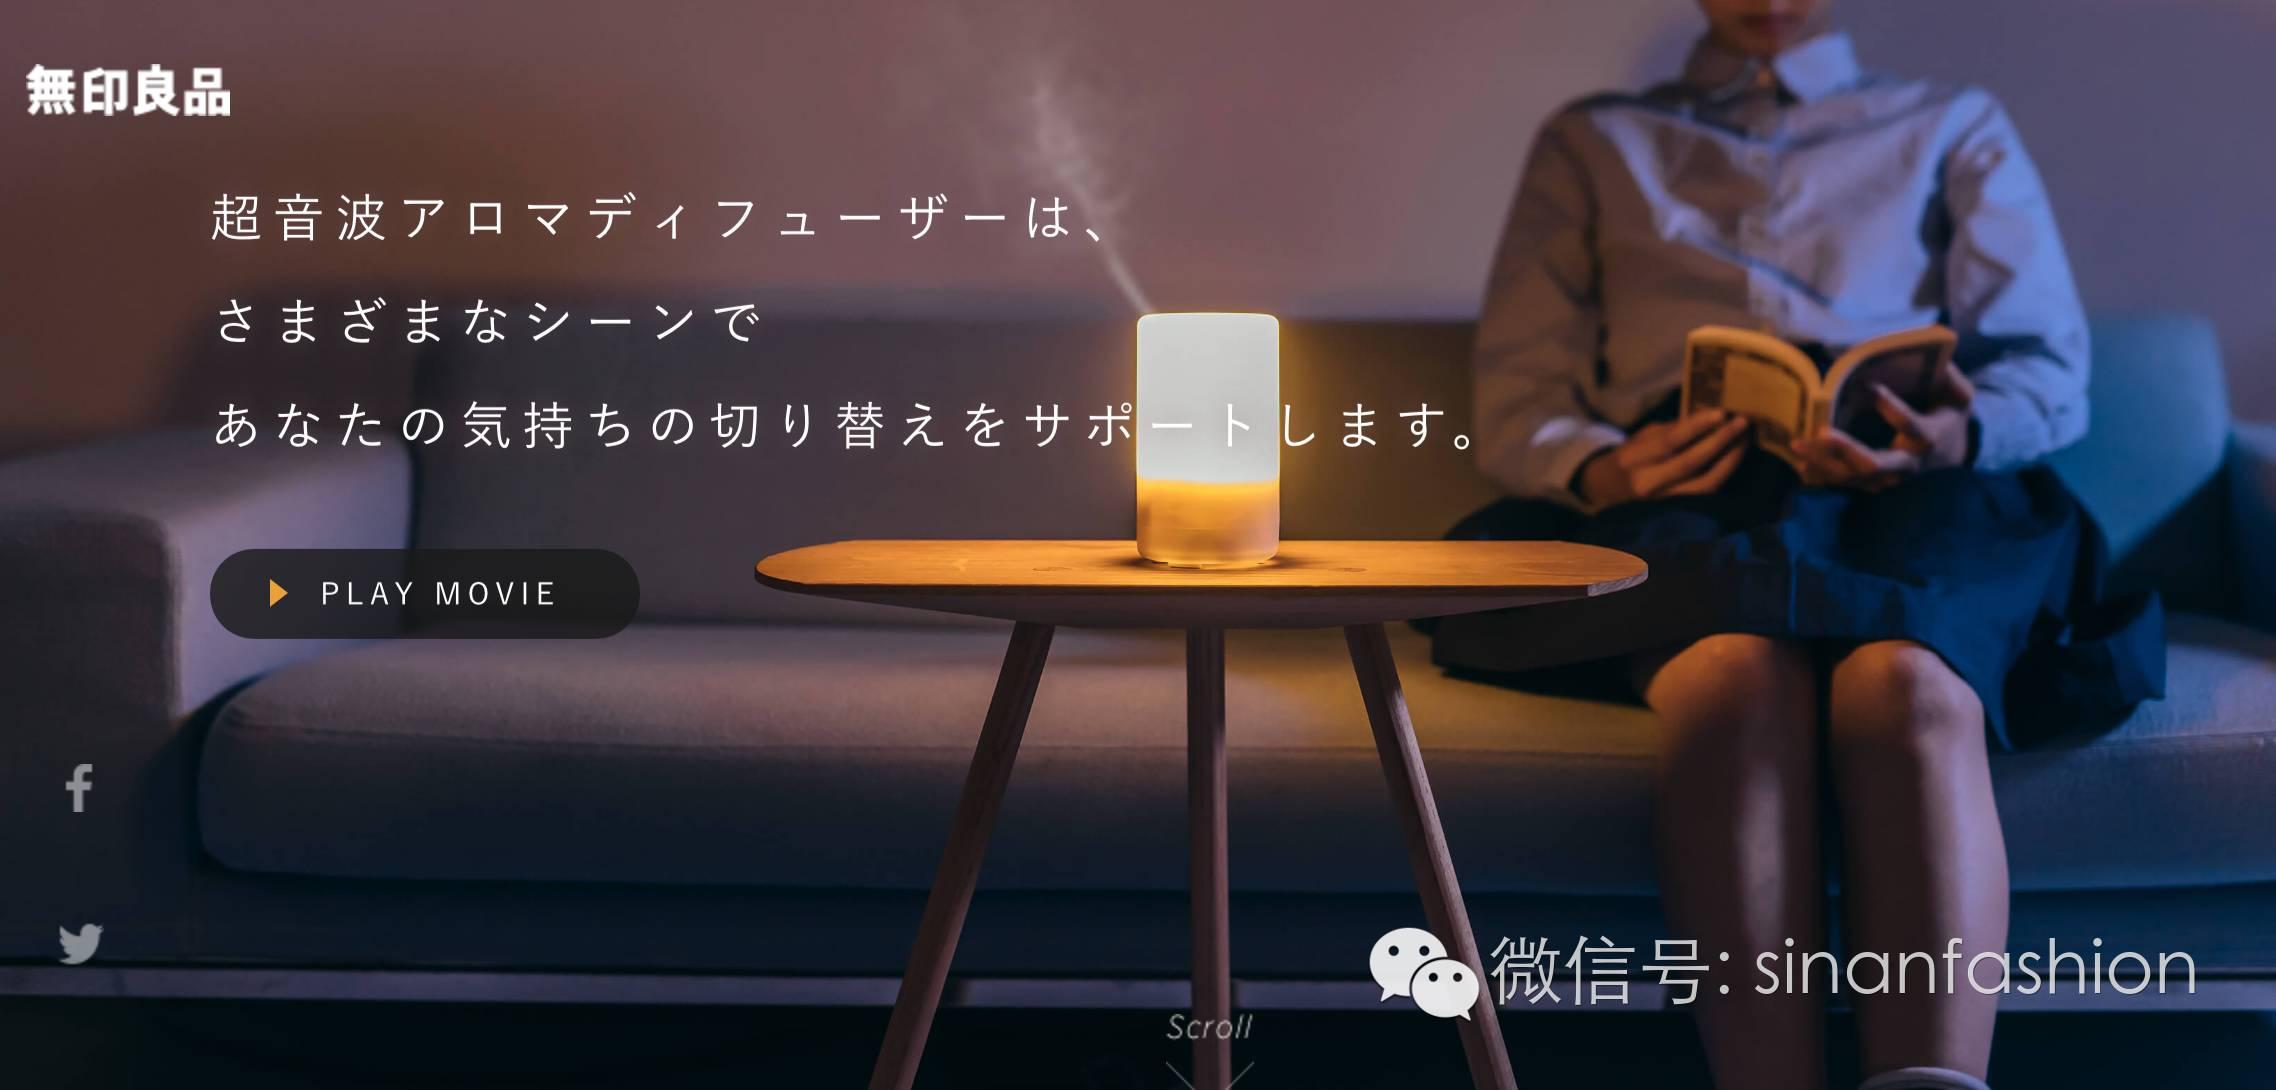 日本店员爆料 无印良品究竟有什么值得买?什